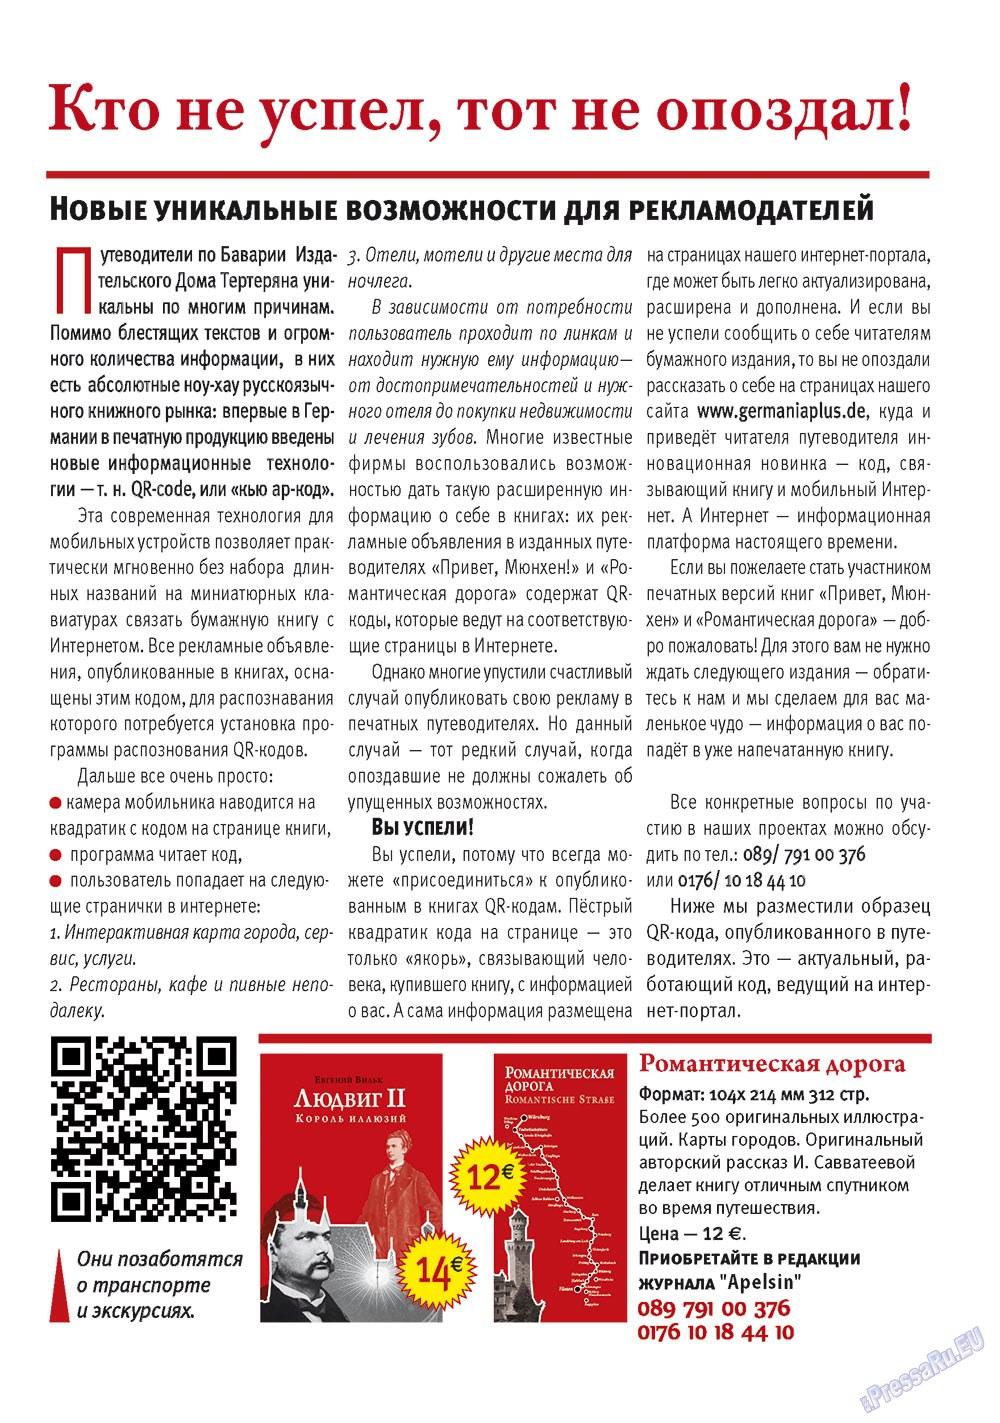 Апельсин (журнал). 2012 год, номер 34, стр. 43